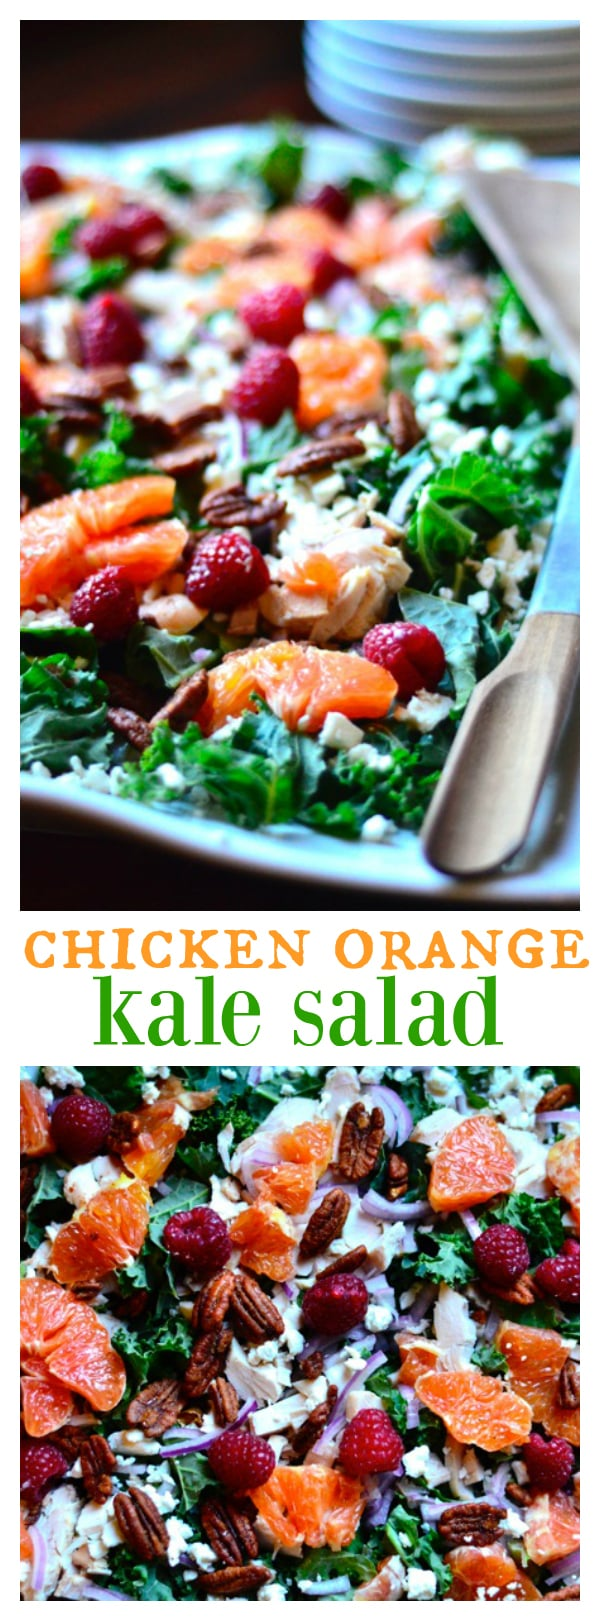 Chicken, Orange and Kale Salad